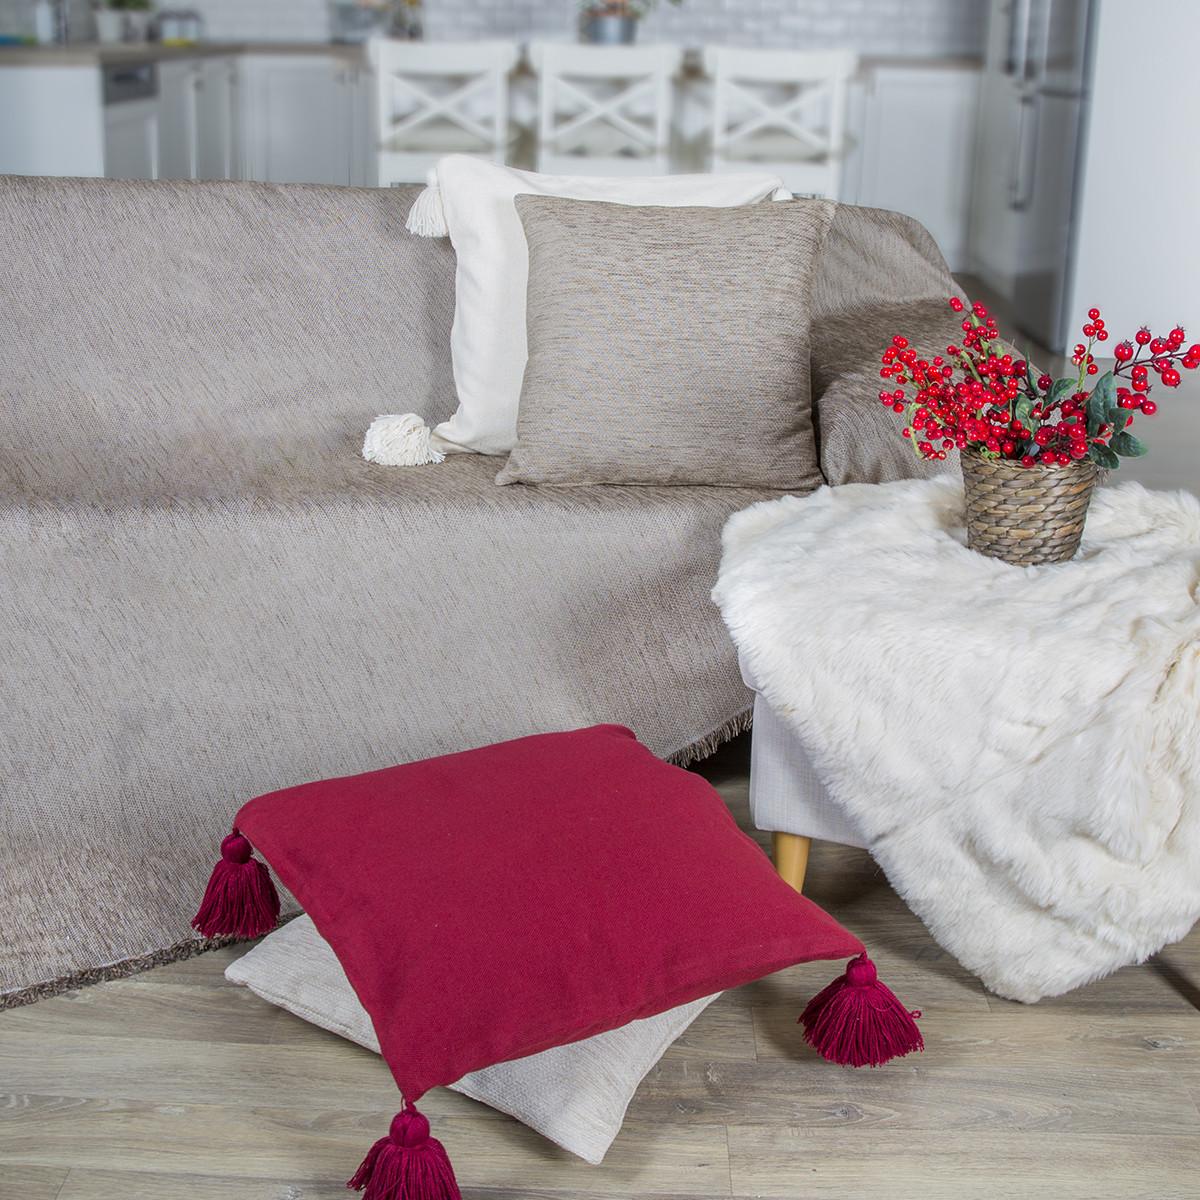 Ριχτάρι Πολυθρόνας (180x180) Loom To Room Miski Beige